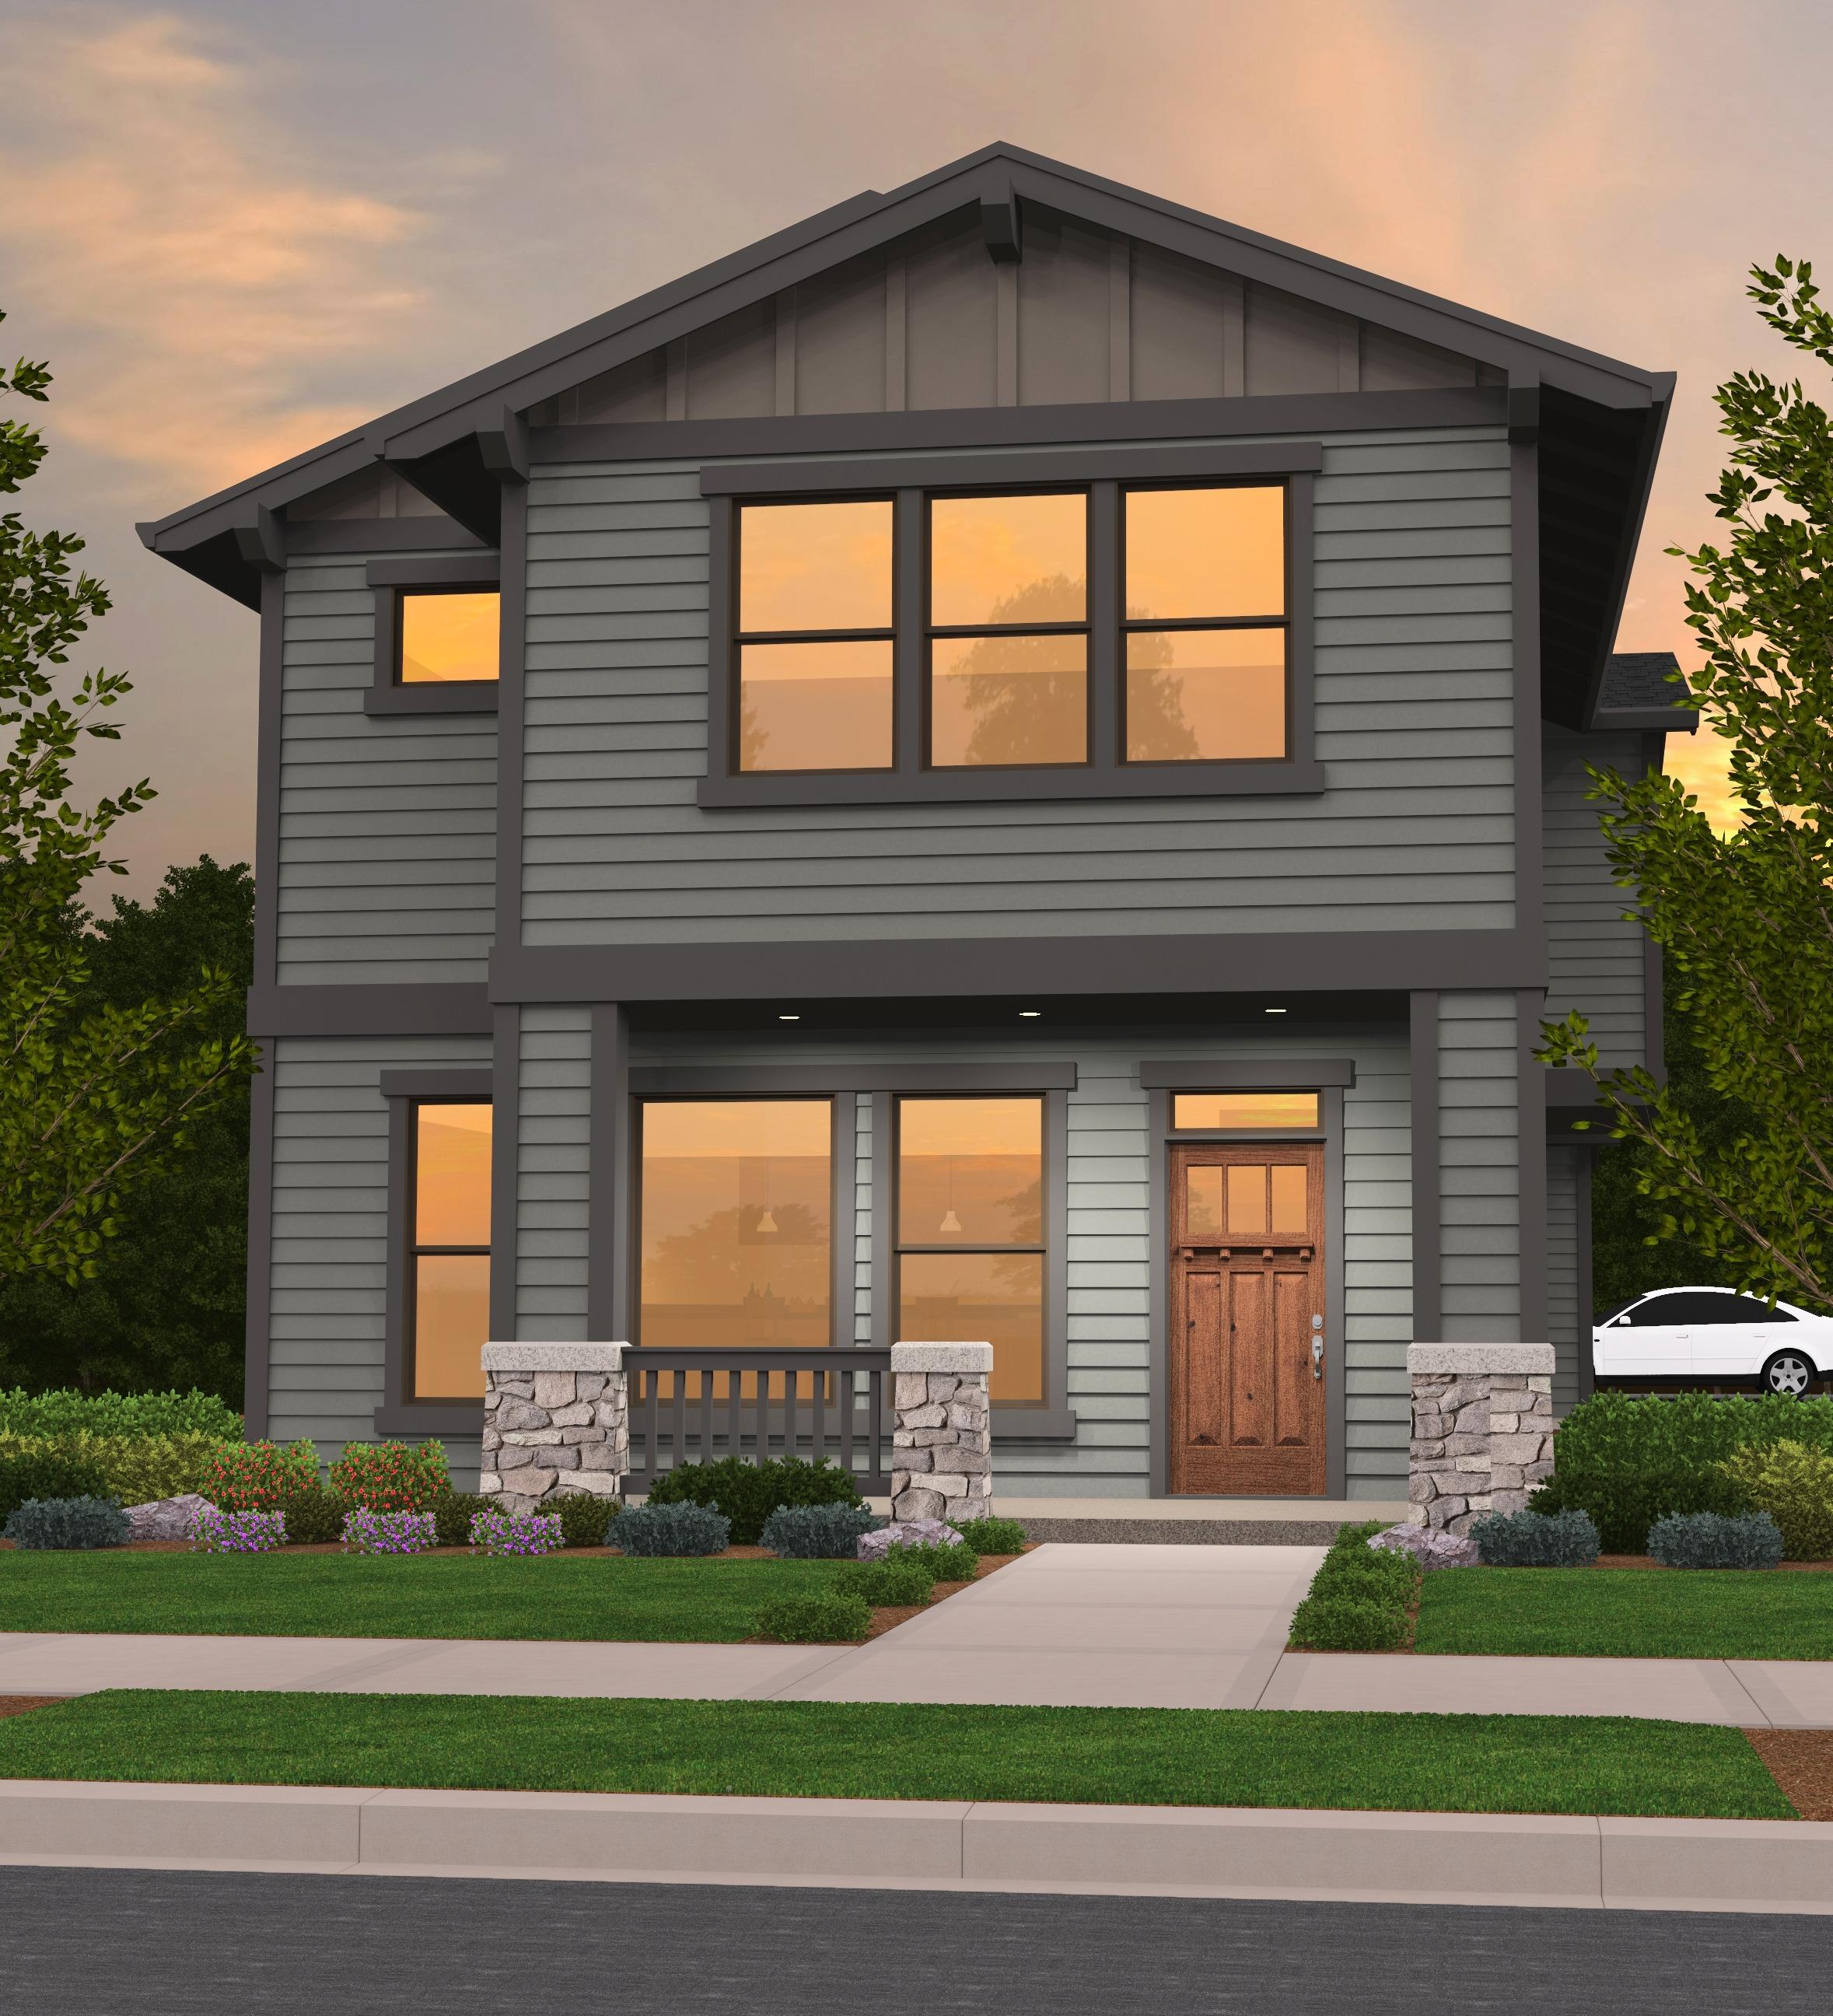 Wondrous Cottage House Plans Cottage Home Designs Floor Plans Download Free Architecture Designs Embacsunscenecom